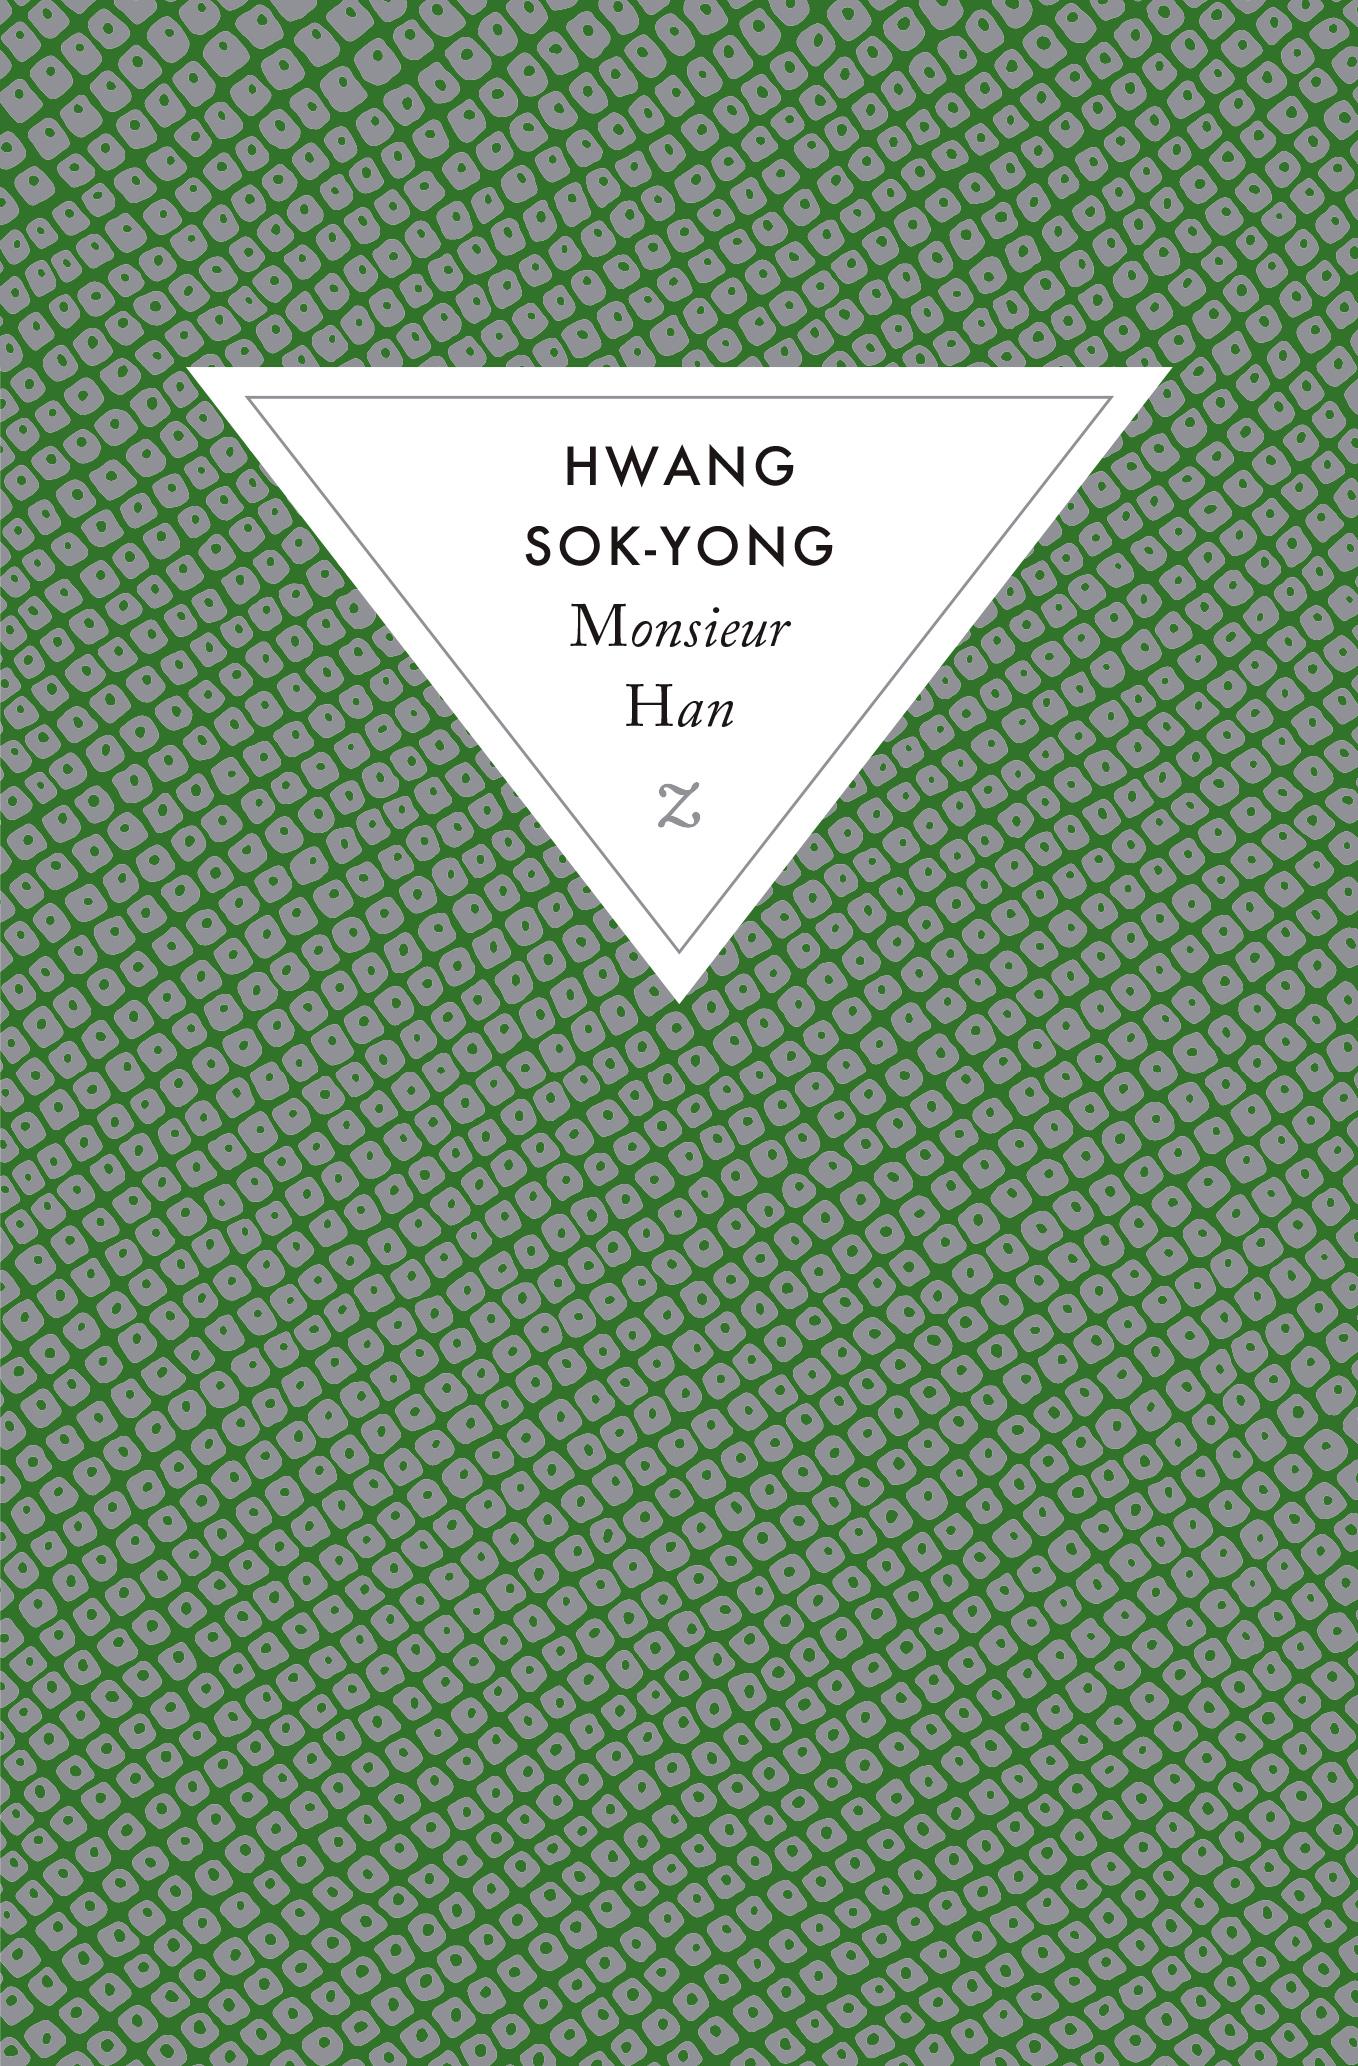 """Résultat de recherche d'images pour """"Monsieur Han de Sok-Yong Hwang"""""""